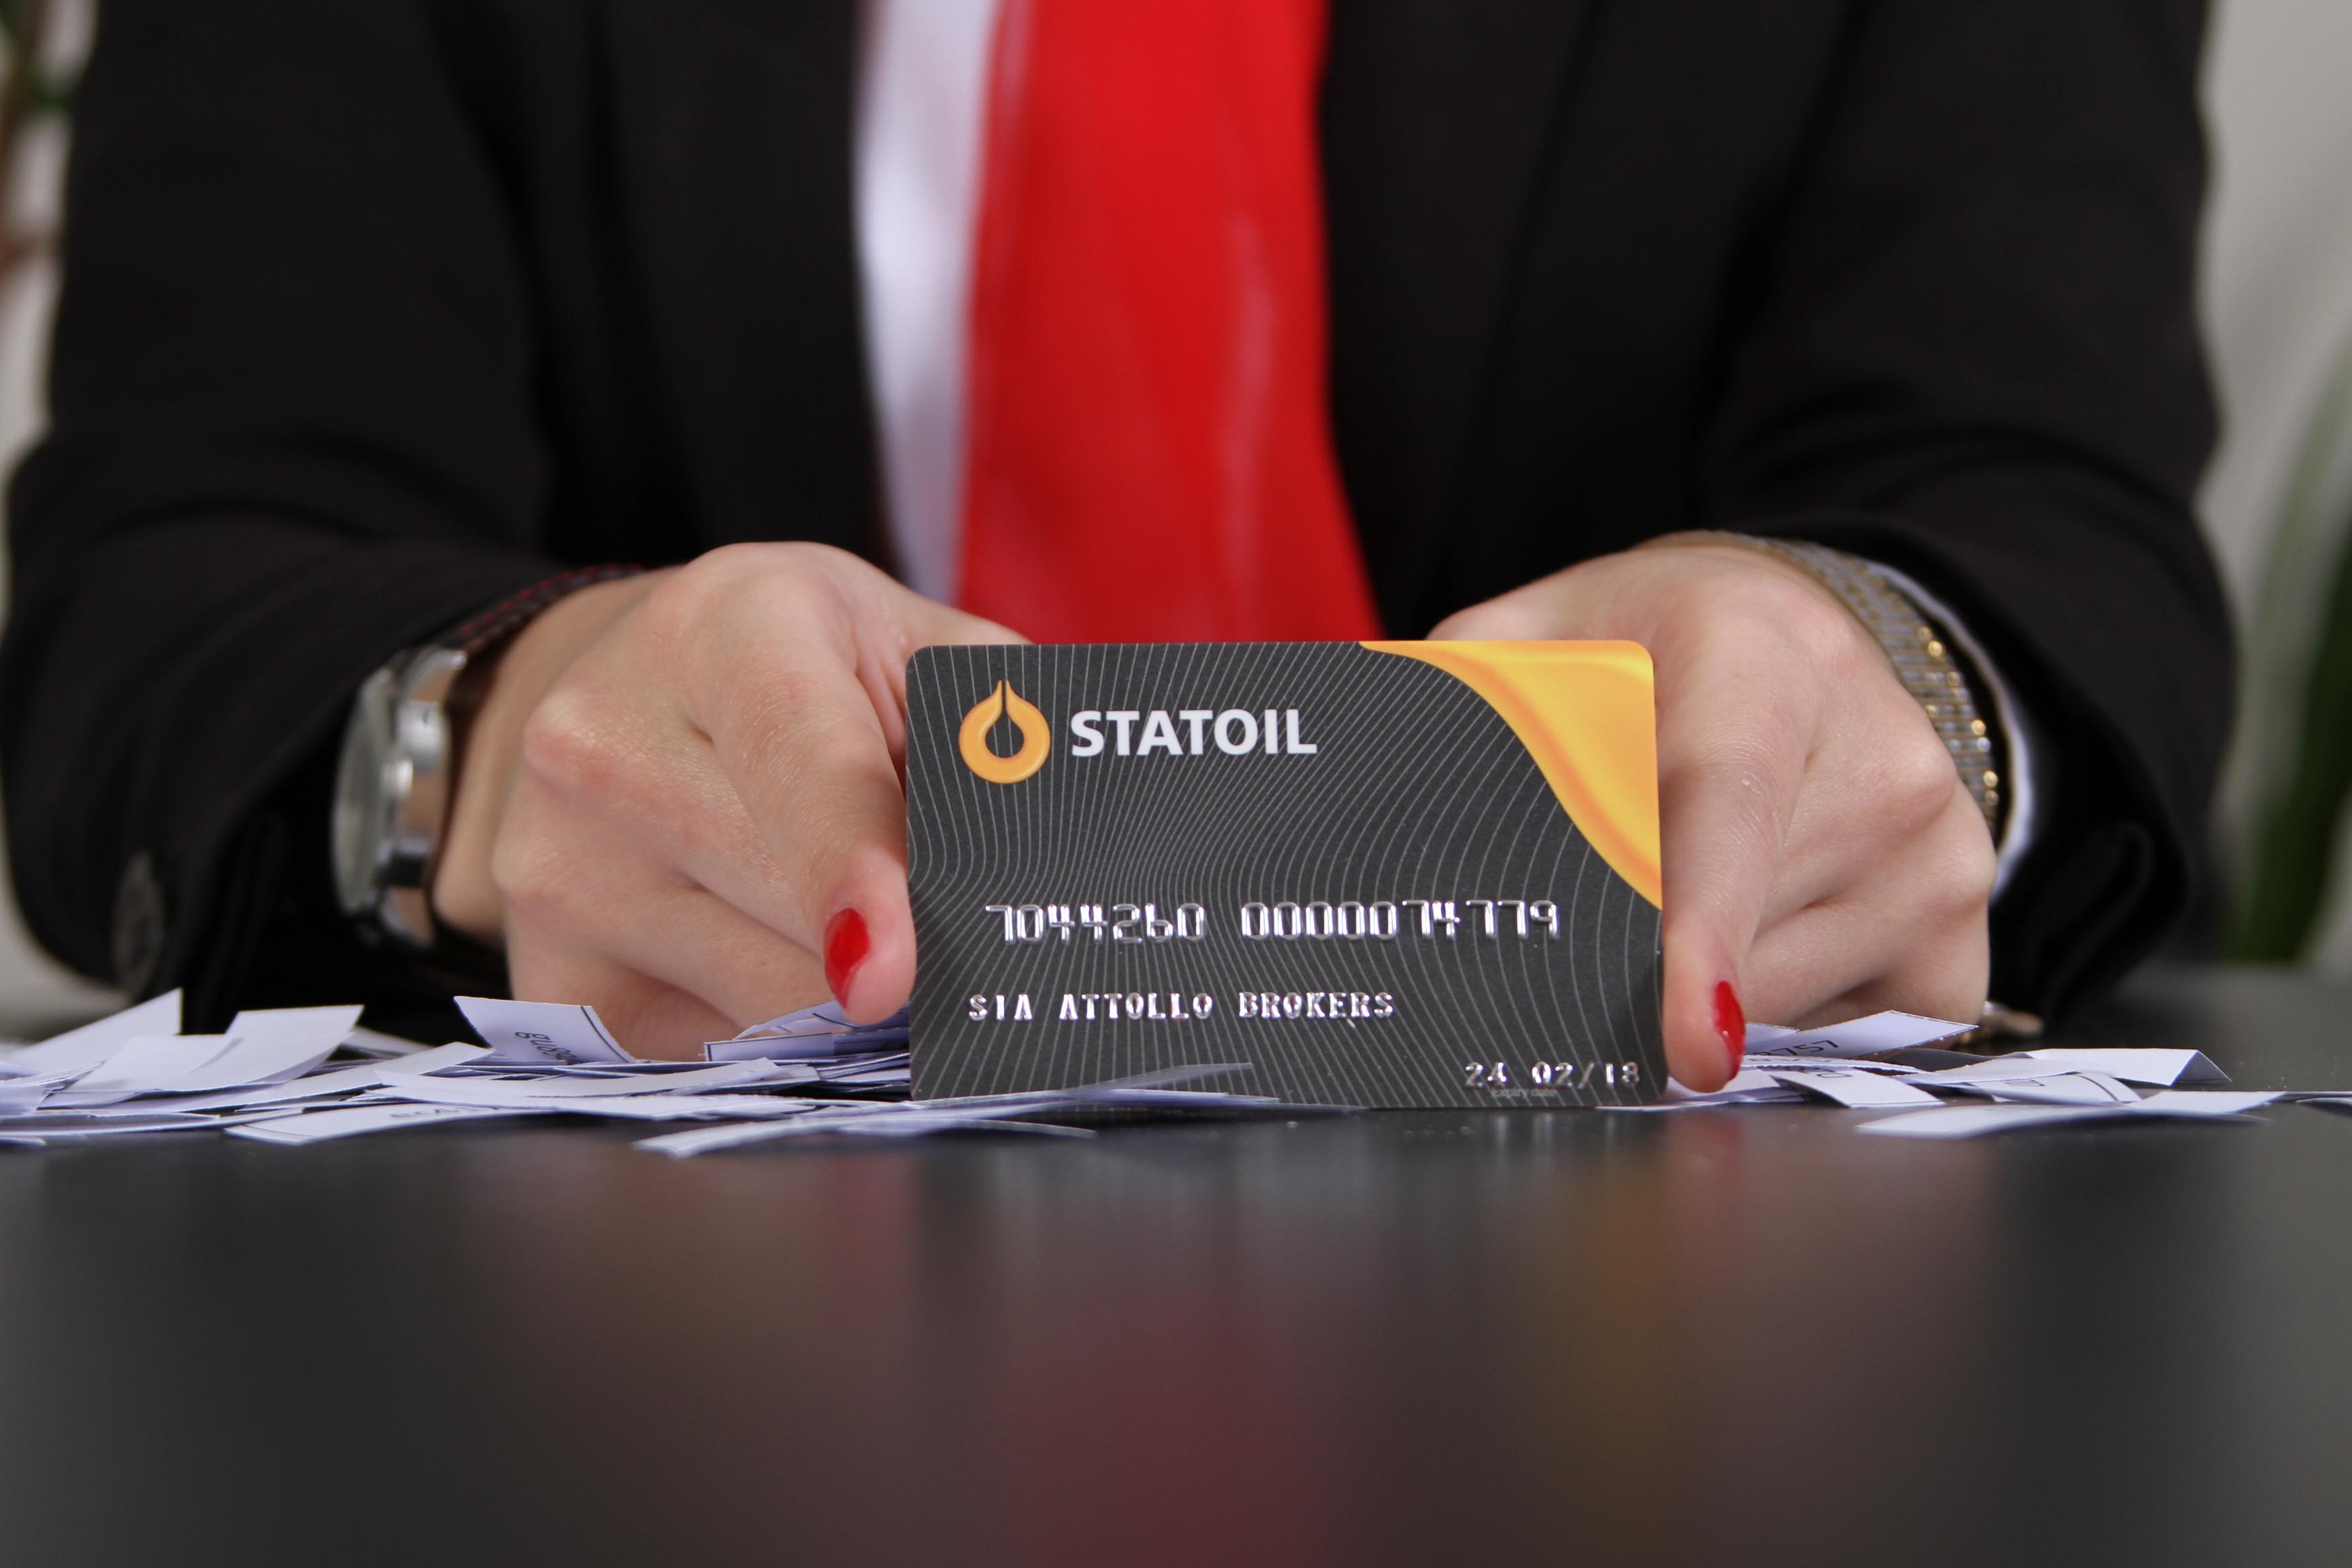 Statoil karte